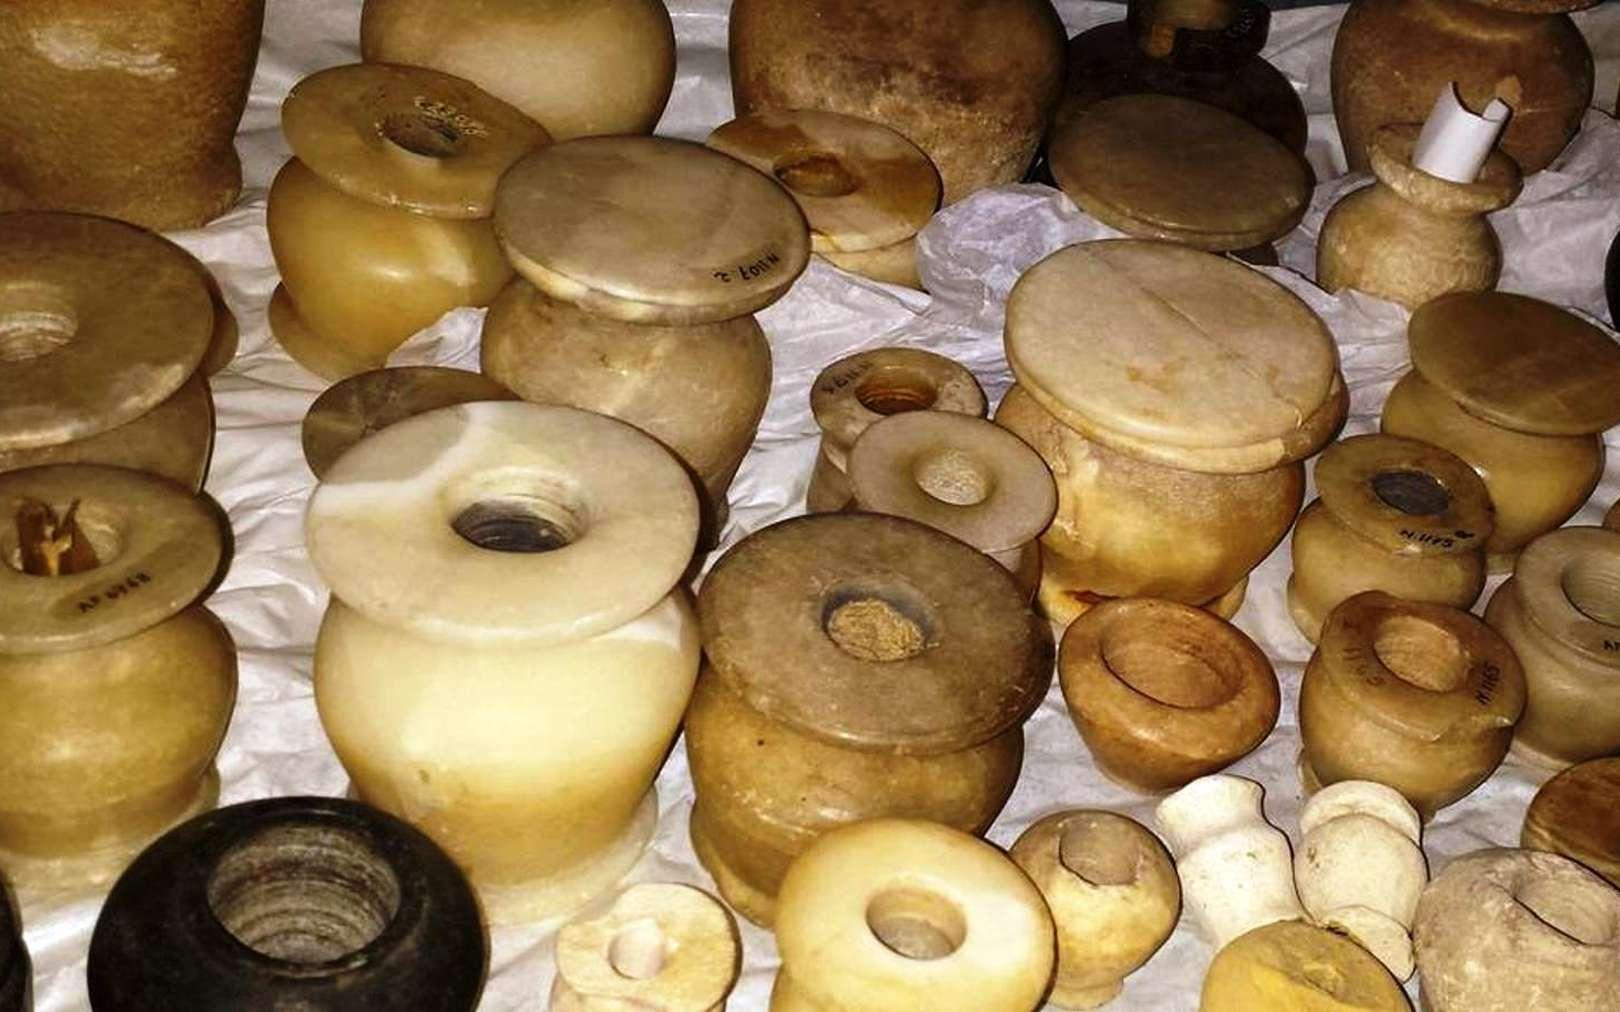 Les Égyptiens pratiquaient la synthèse chimique il y a 3.500 ans. Ici, pots à fard de l'ancienne Égypte (collection du musée du Louvre, Paris) dont sont issus certains des échantillons étudiés avec le carbone 14. © C. Moreau, LMC 14